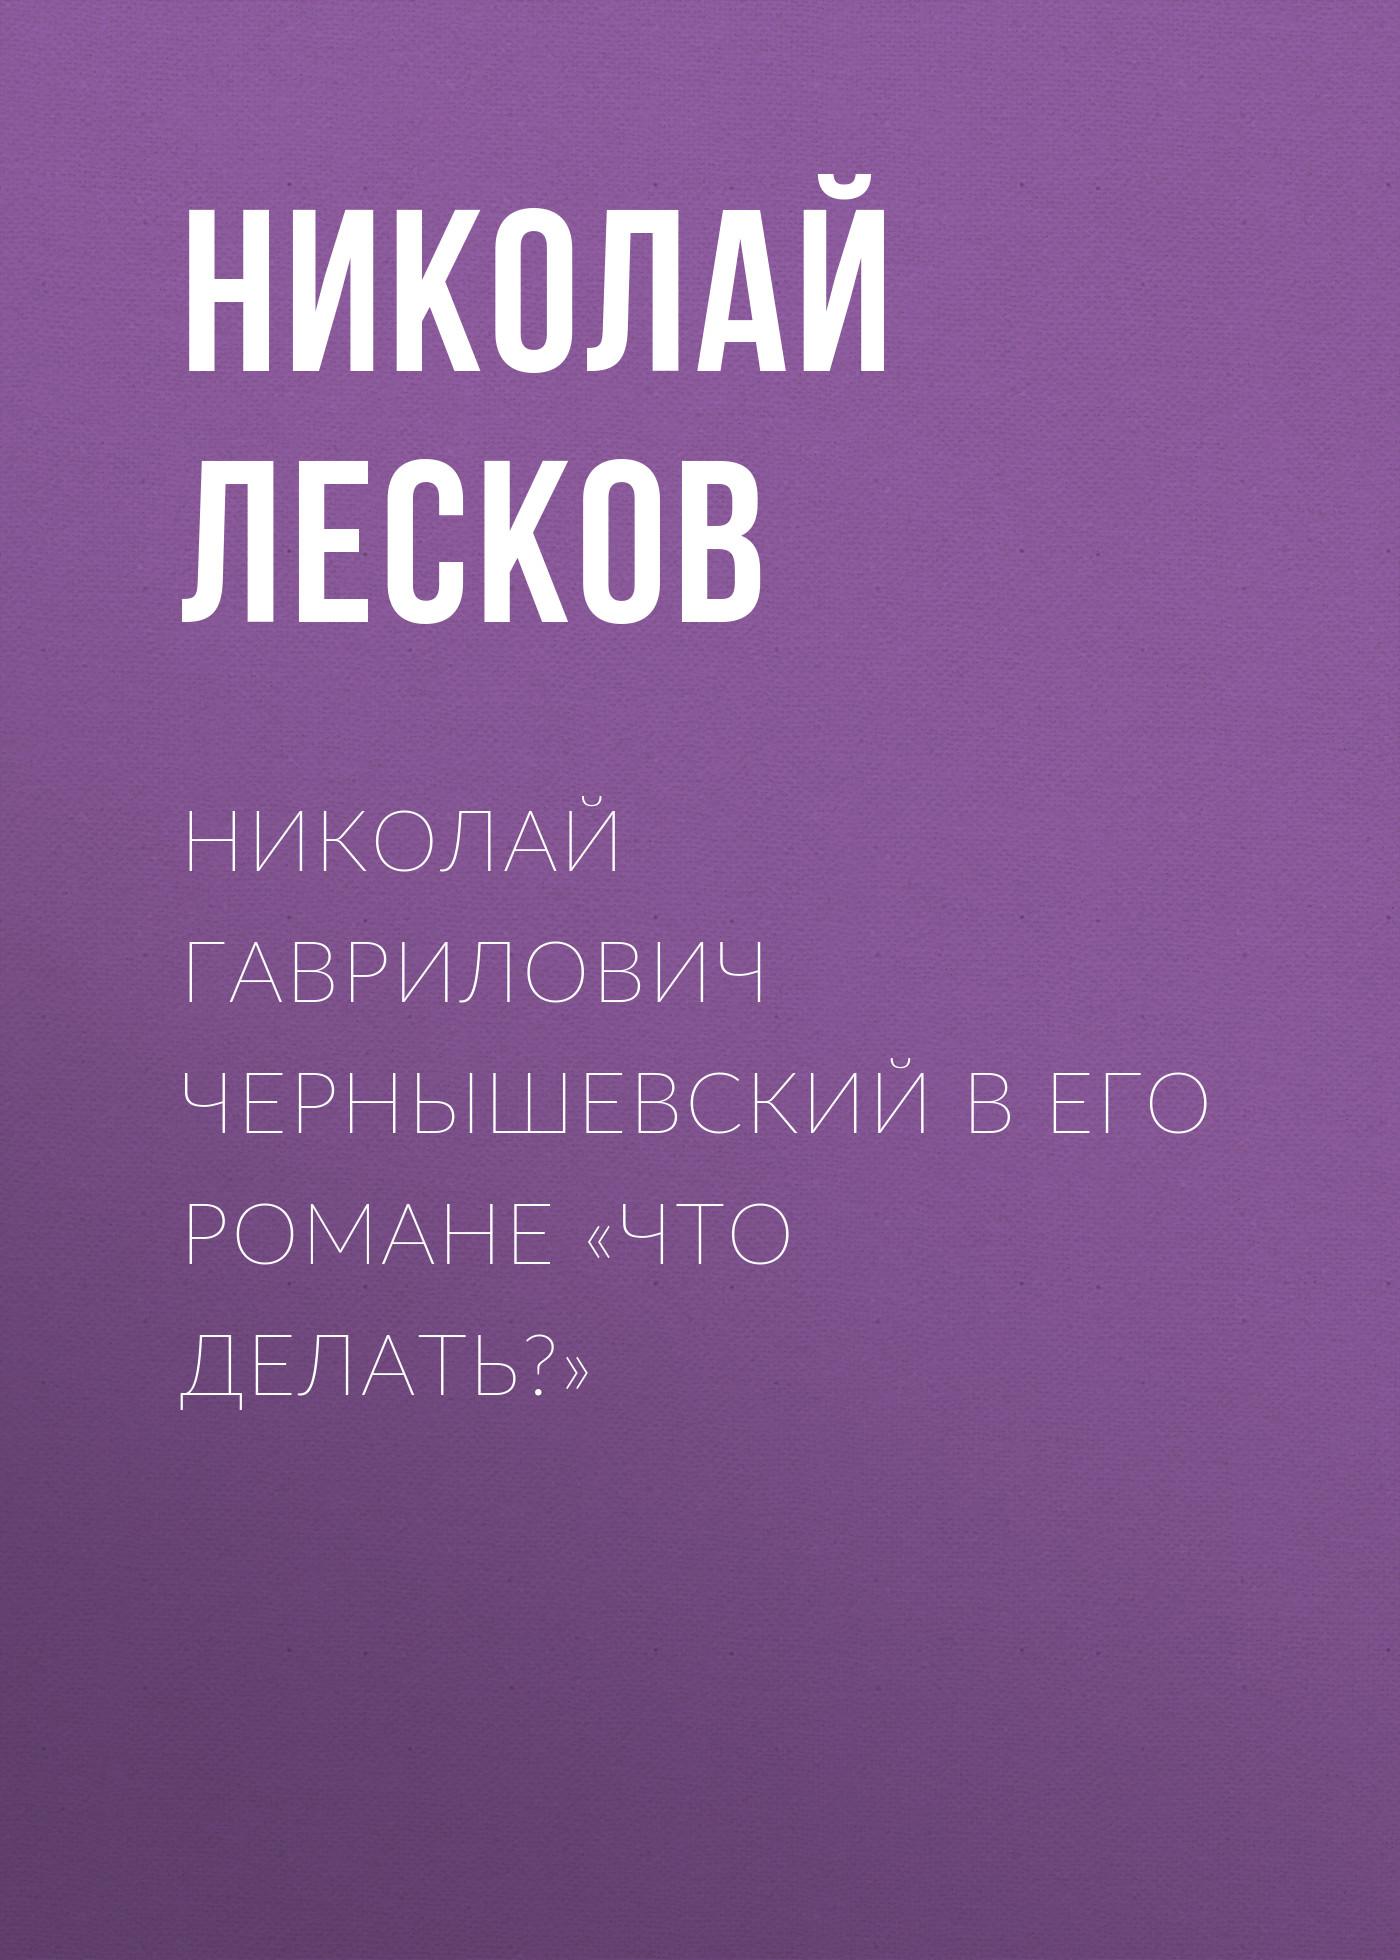 Николай Лесков Николай Гаврилович Чернышевский в его романе «Что делать?»